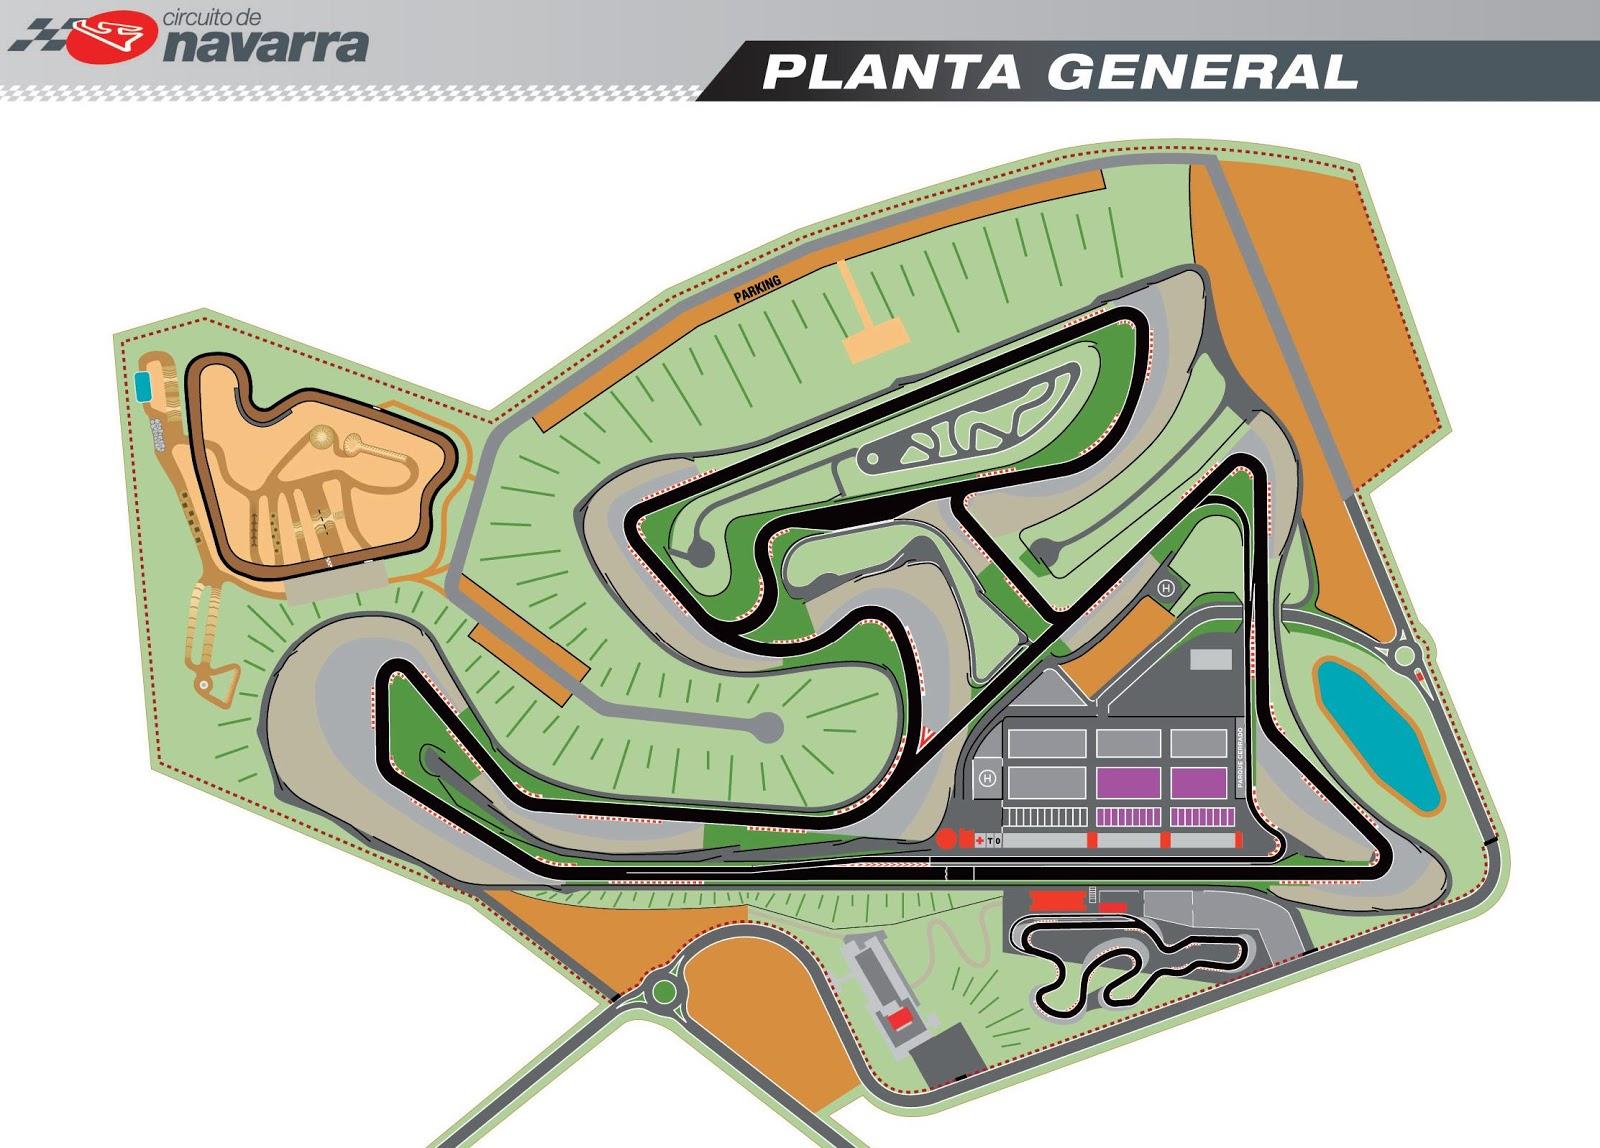 Circuito Navarra : C d beton instrucciones para el circuito